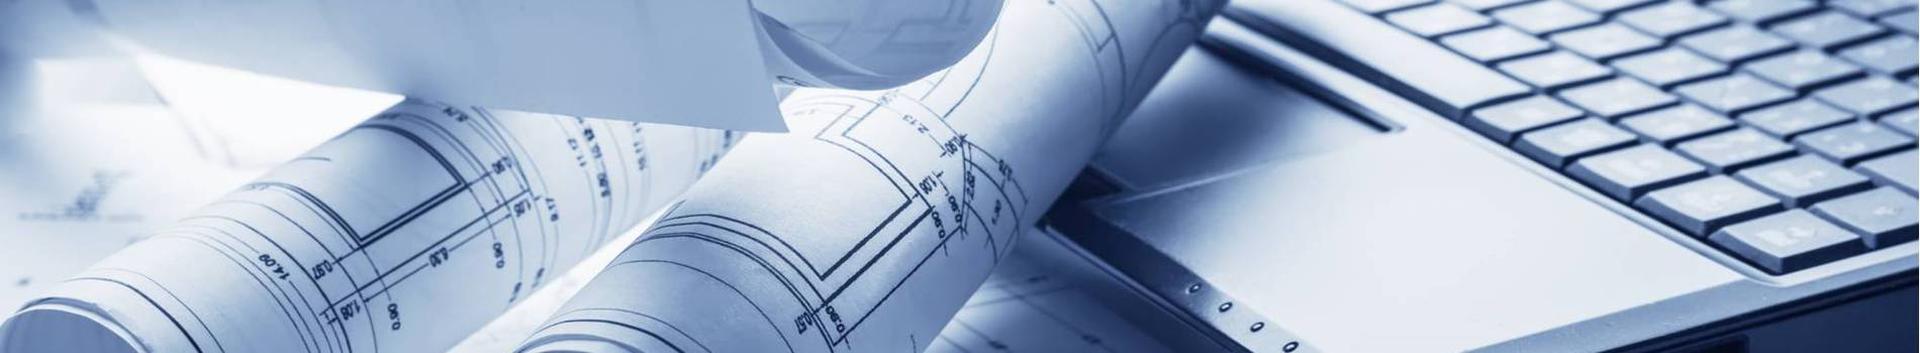 71129_insener-tehnilised-tegevused_86173774_xl.jpg